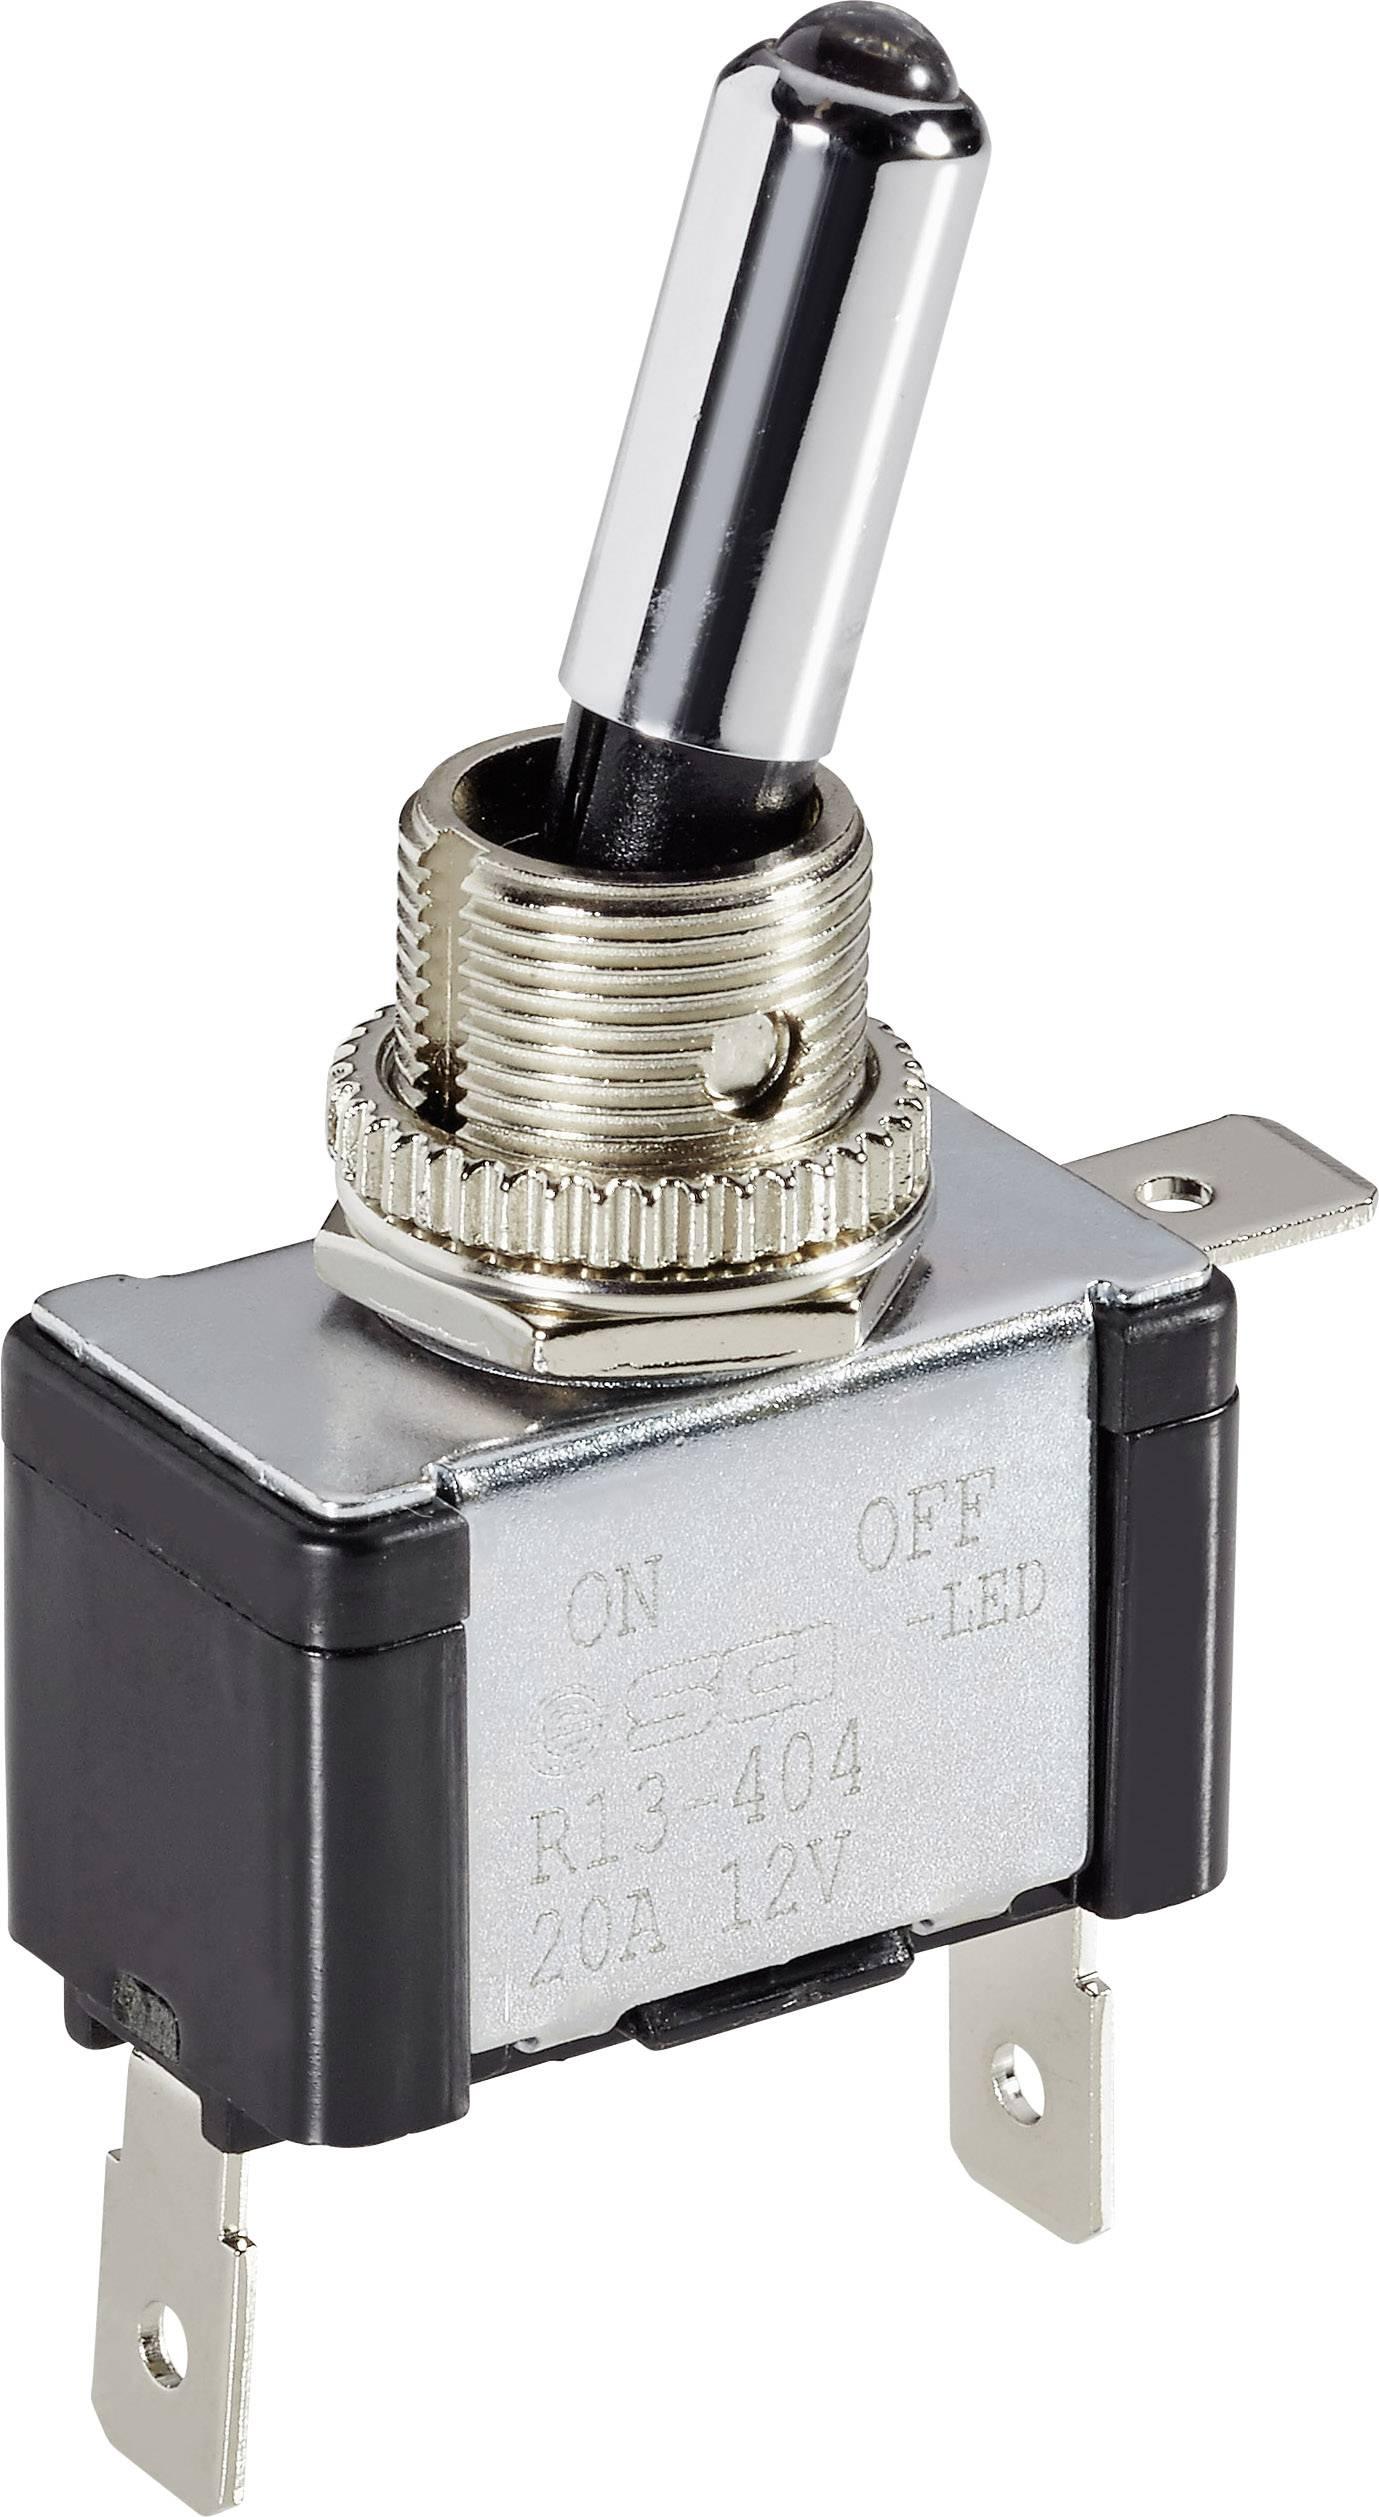 Páčkový přepínač do auta SCI R13-404L BL LED, 12 V/DC, 20 A, s aretací, 1 ks